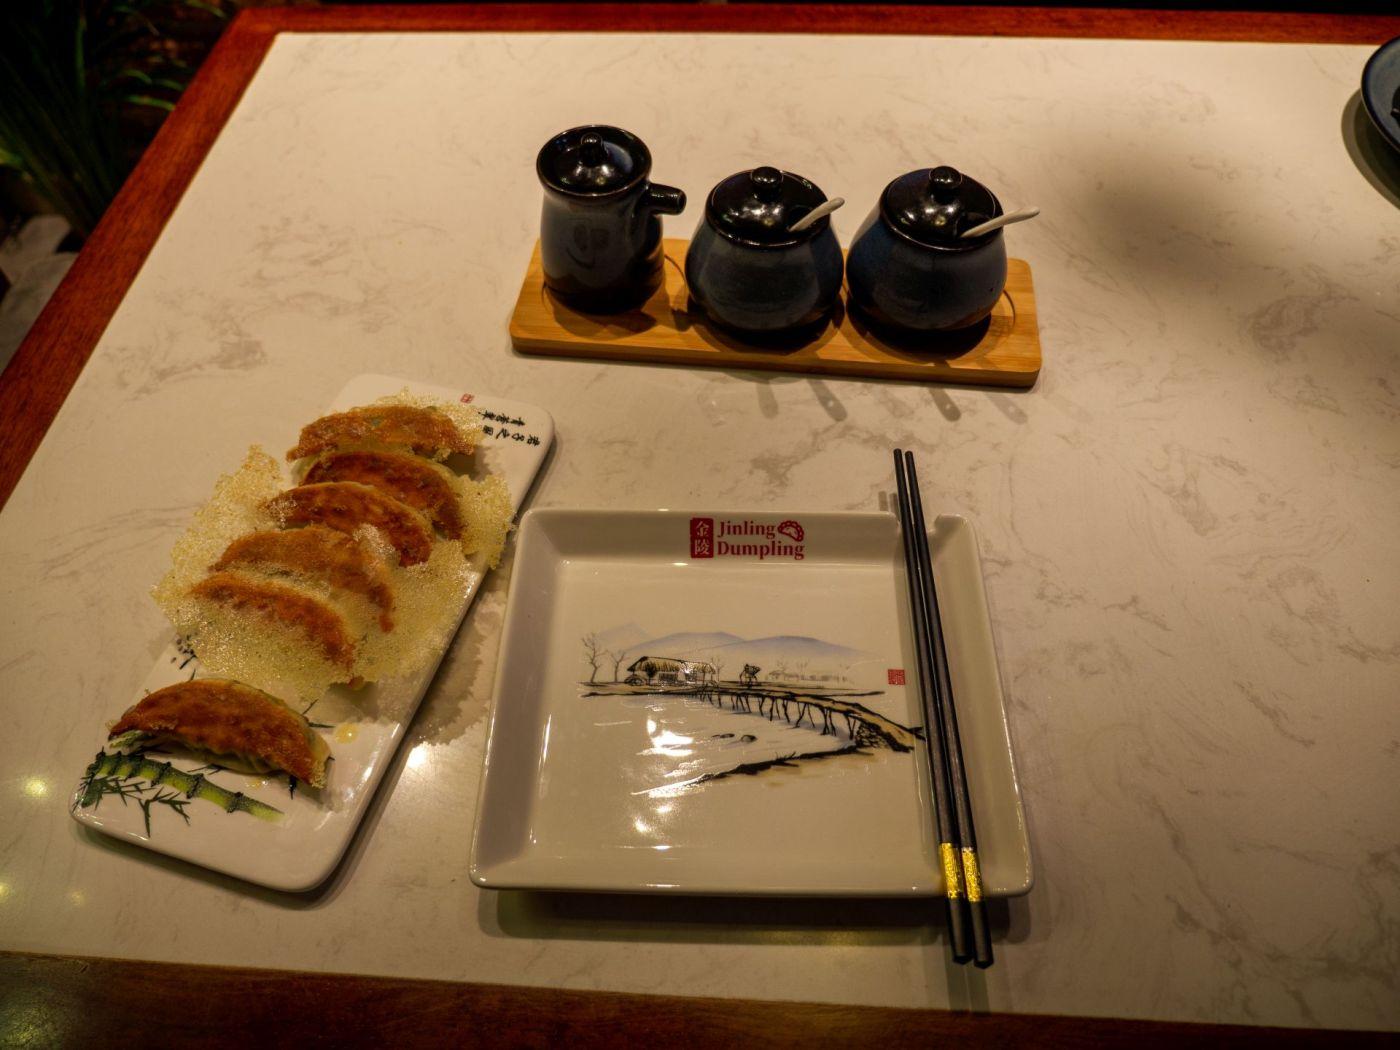 Jinlang Dumpling - Smażone pierożki z chińską kiszoną kapustą sitowatą i makaronem z batatów